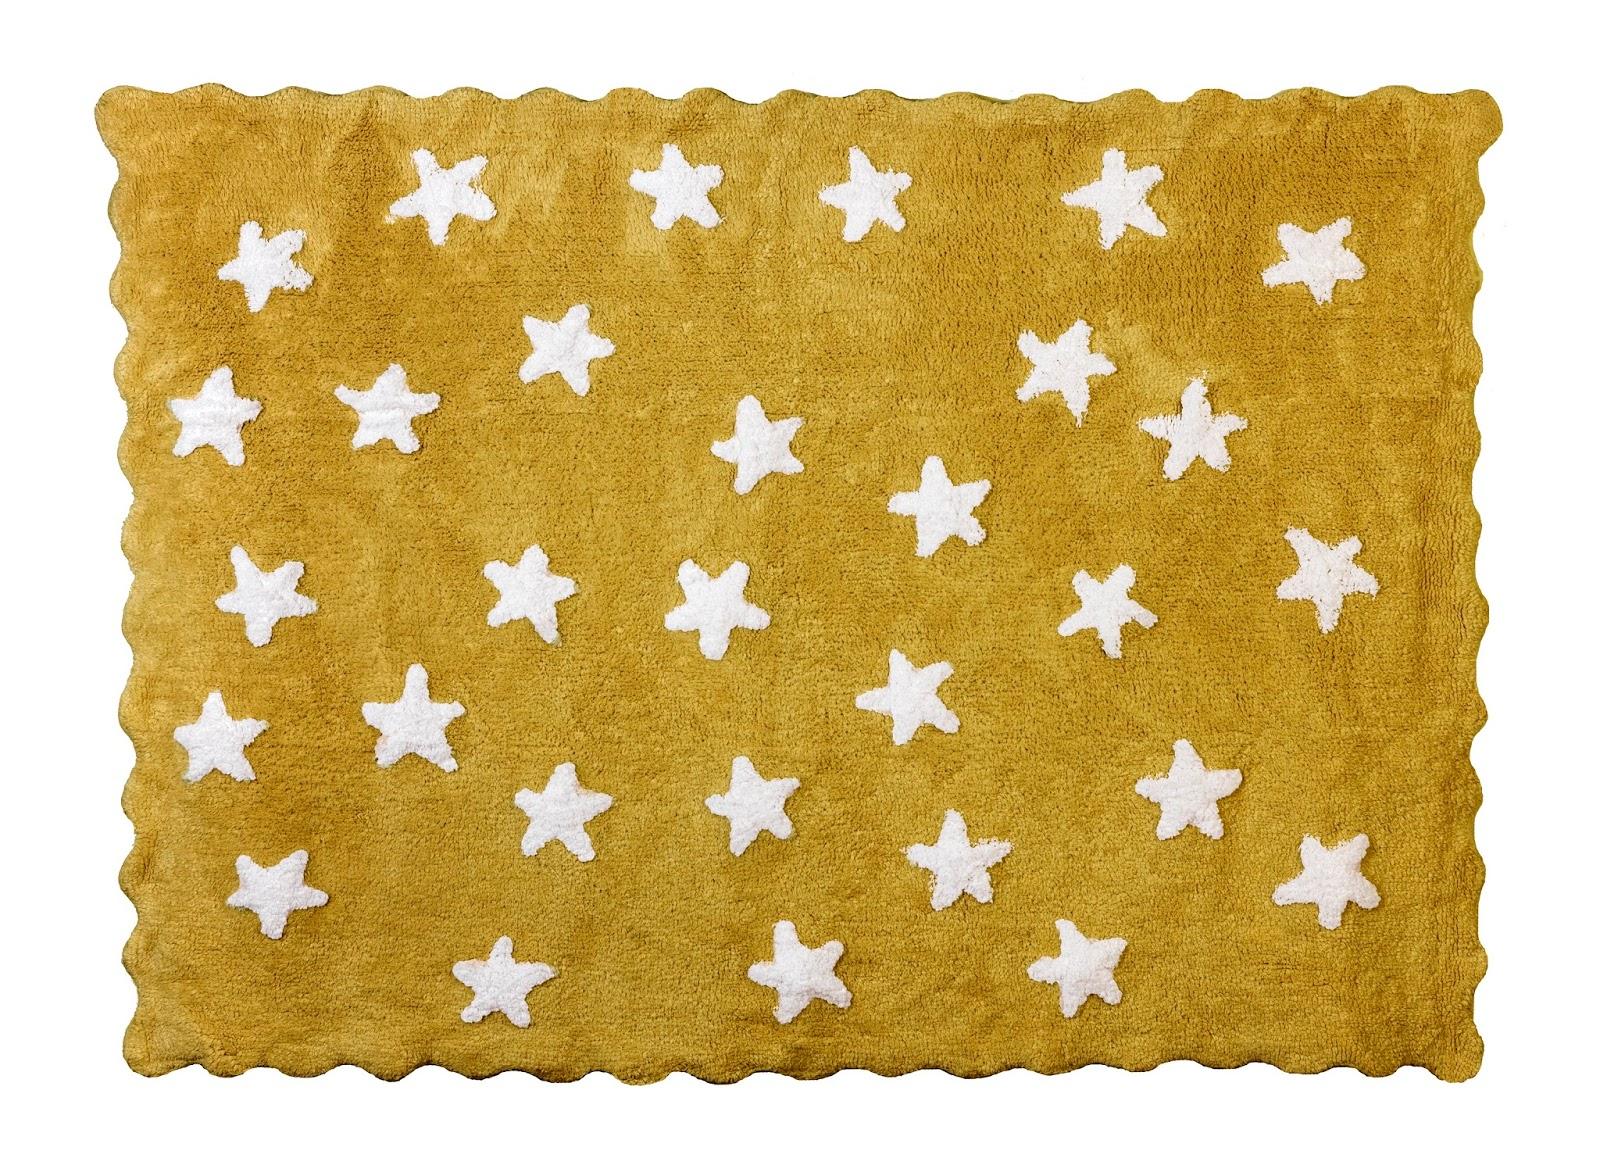 Hadas moda y decoracion infantil alfombras infantiles - Alfombras infantiles online ...